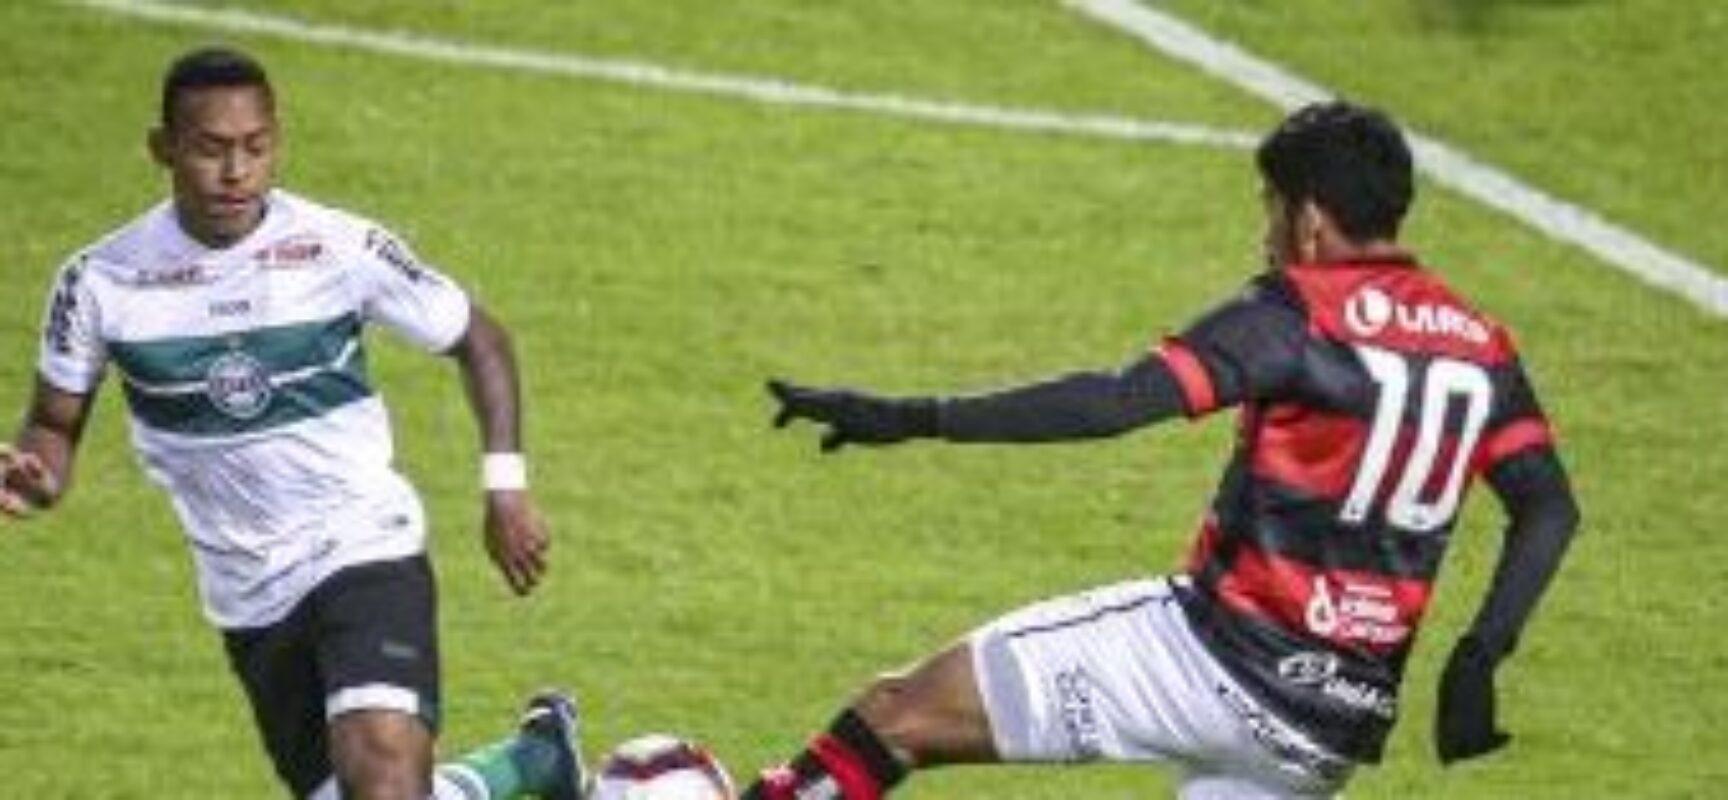 FUTEBOL: Vitória perde para o Coritiba no Couto Pereira pela Série B